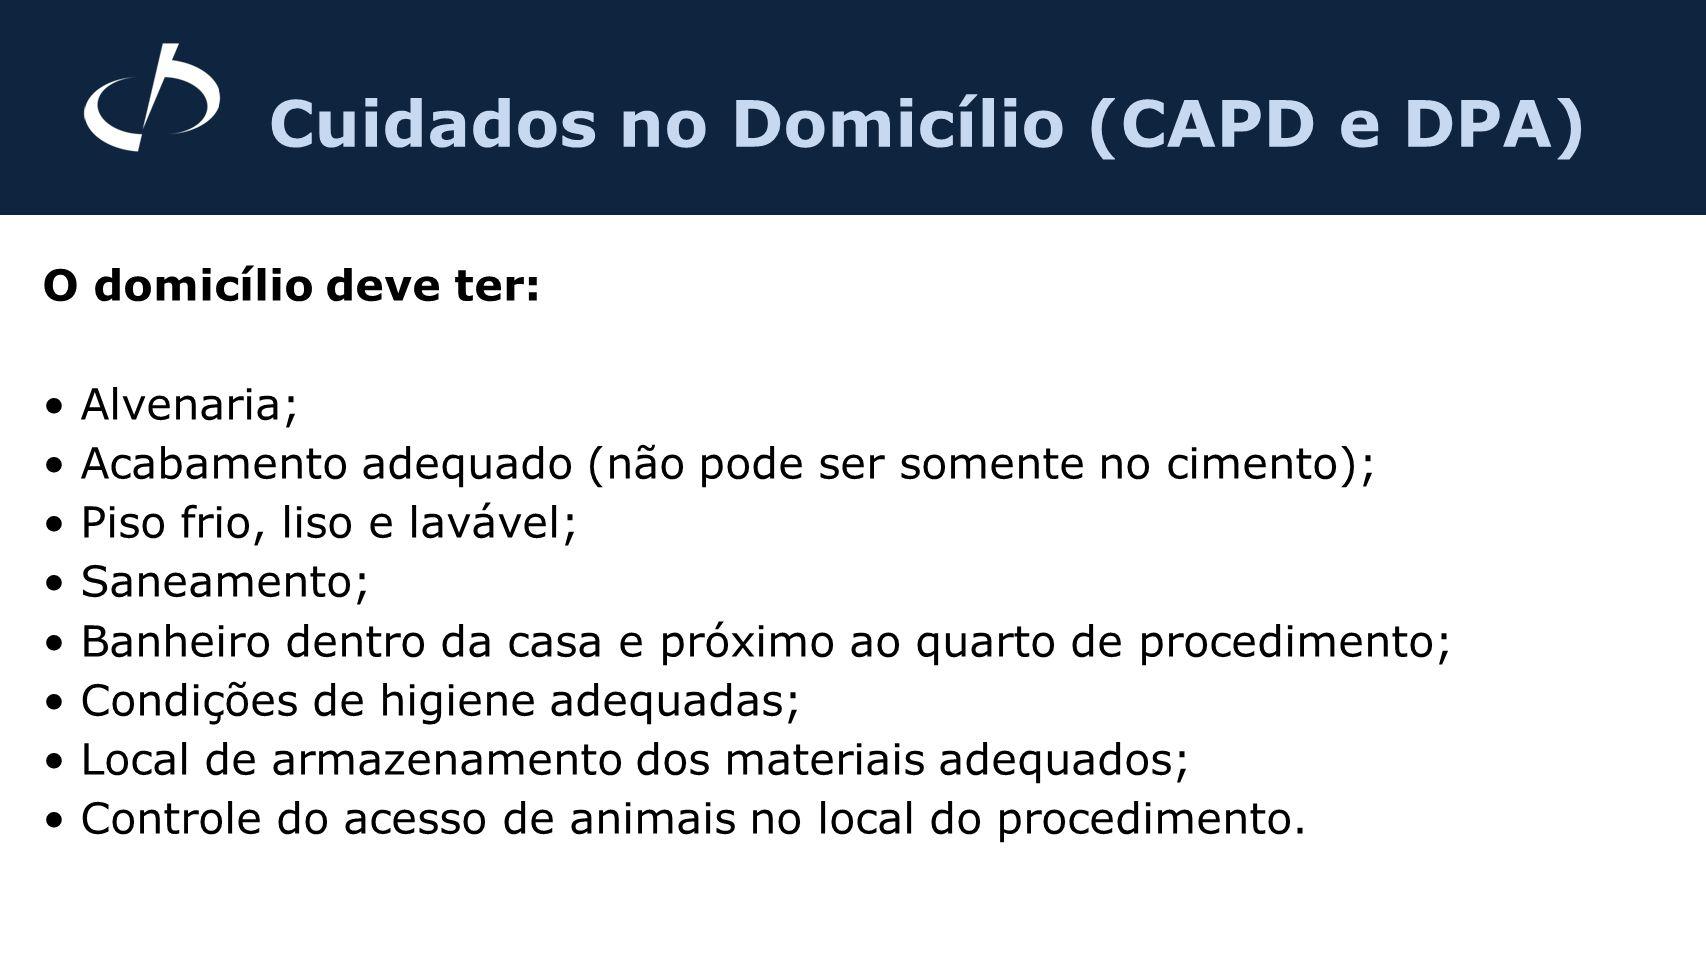 Cuidados no Domicílio (CAPD e DPA)